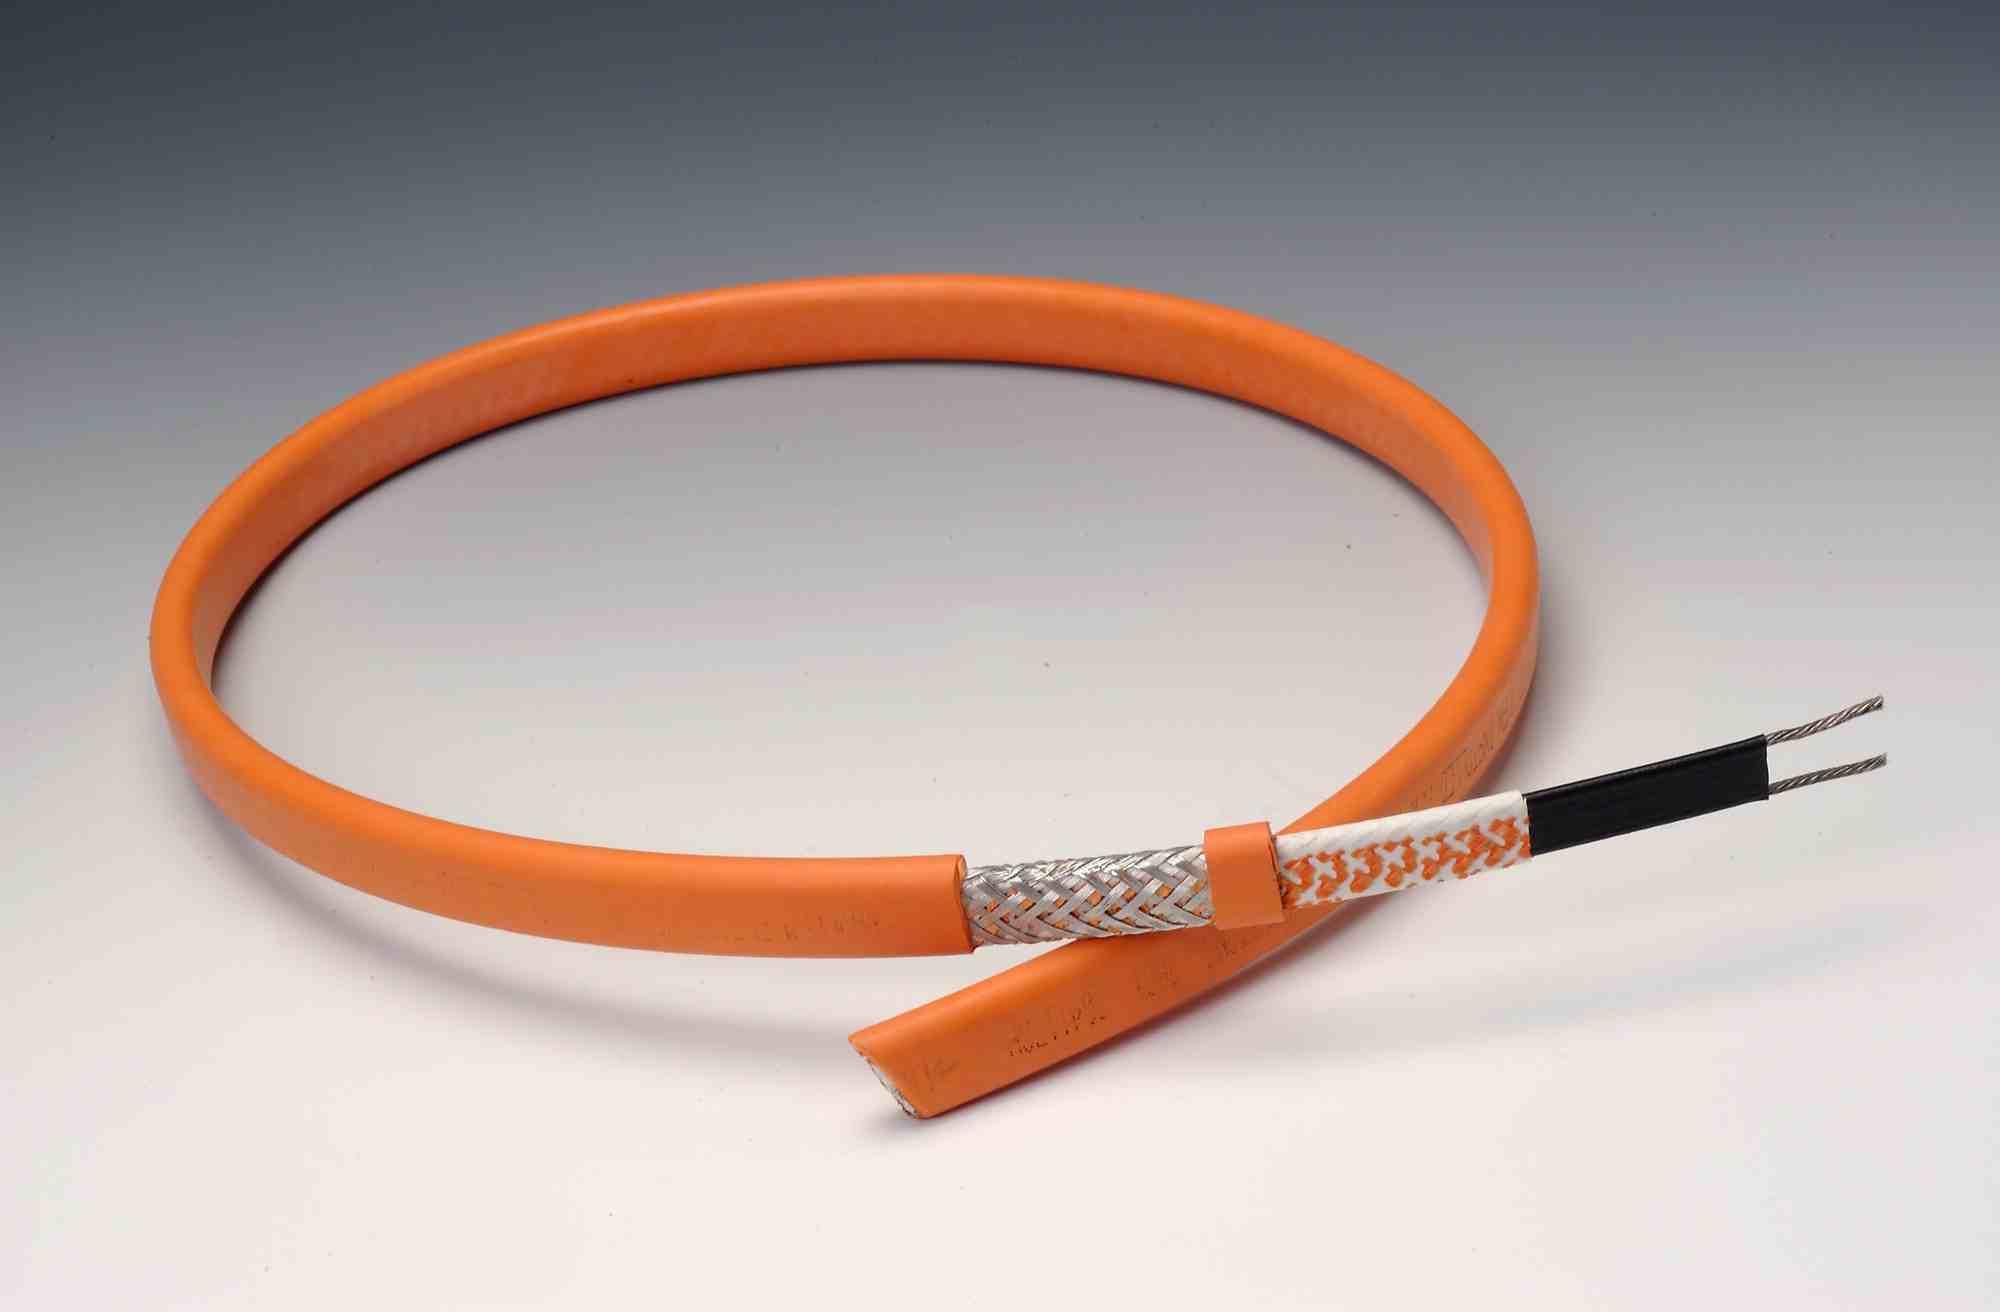 Как выбрать греющий кабель снаружи трубы, чтобы получить лучший результат